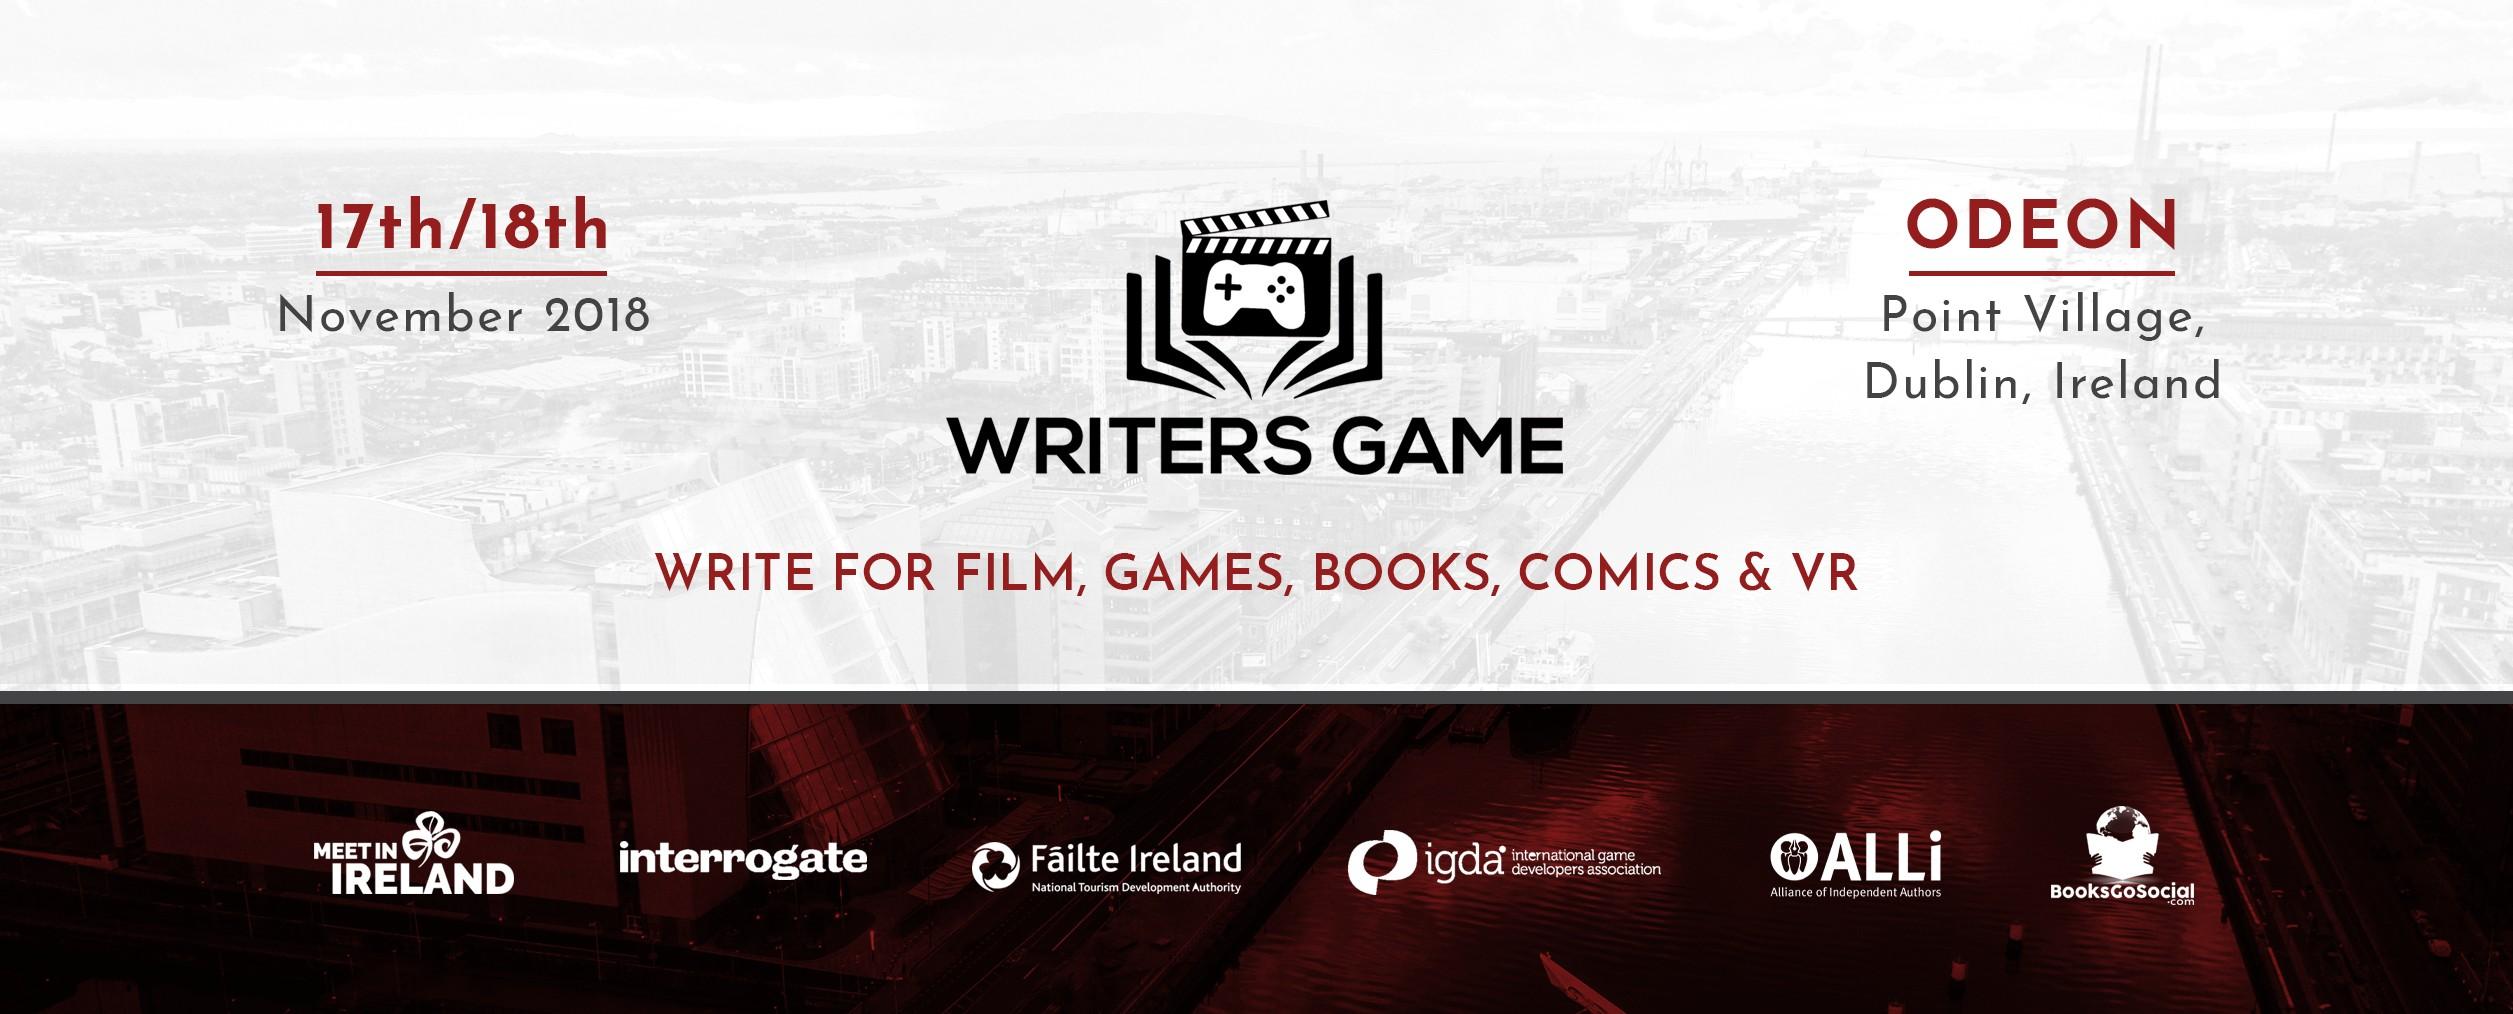 WRITERS GAME | LinkedIn